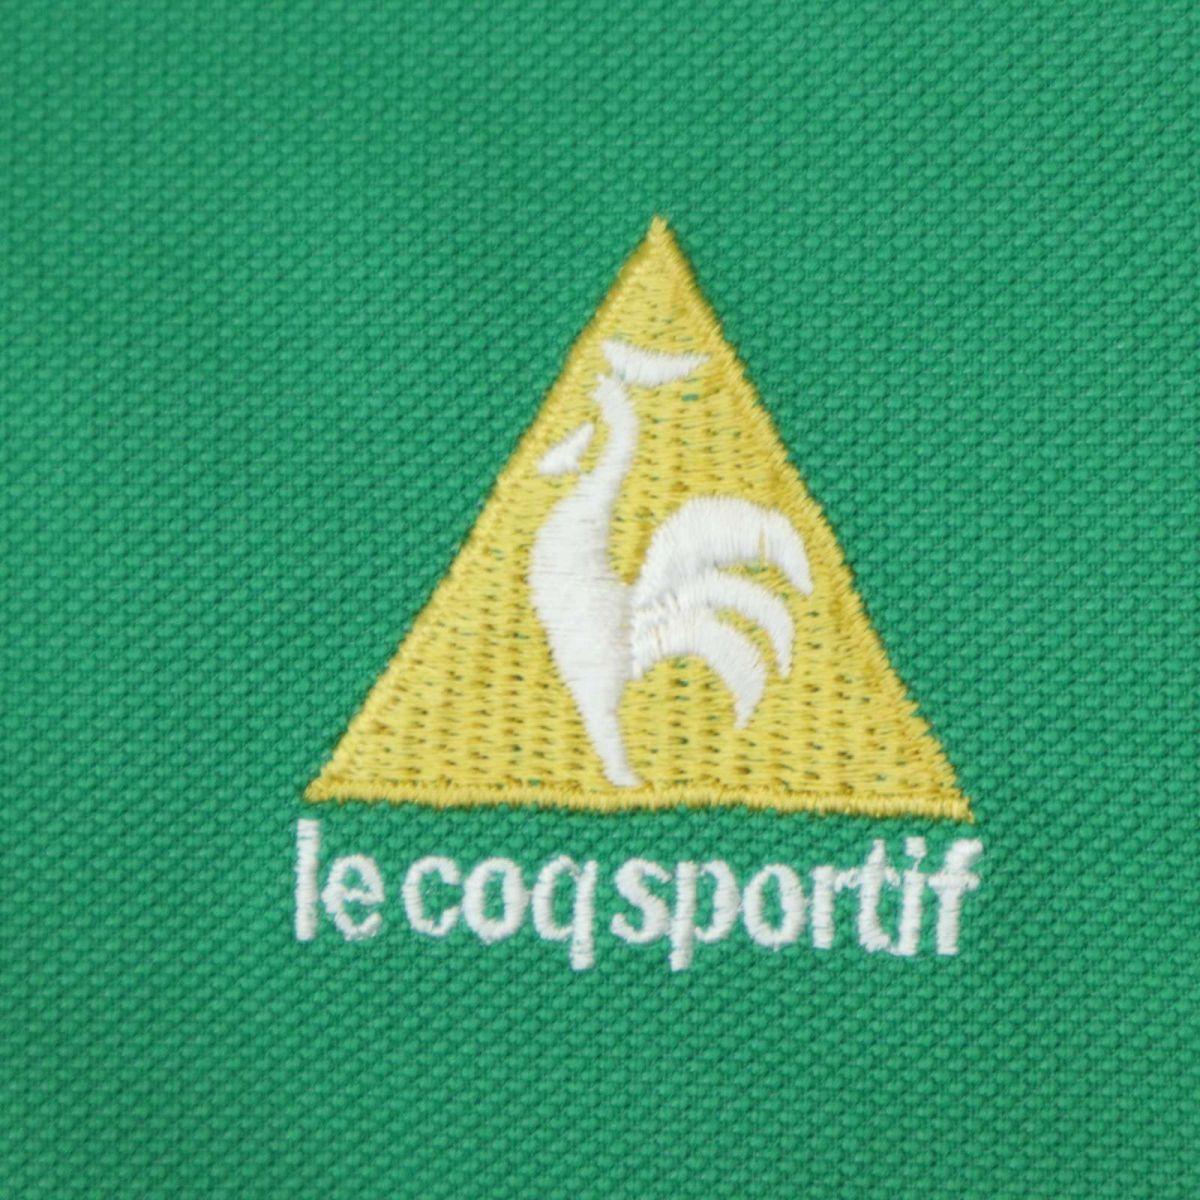 le coq sportif GOLF ルコック スポルティフ ゴルフ ロゴ刺繍★ 半袖 ポロシャツ Sz.M メンズ 緑 A1T08648_7#A_画像4